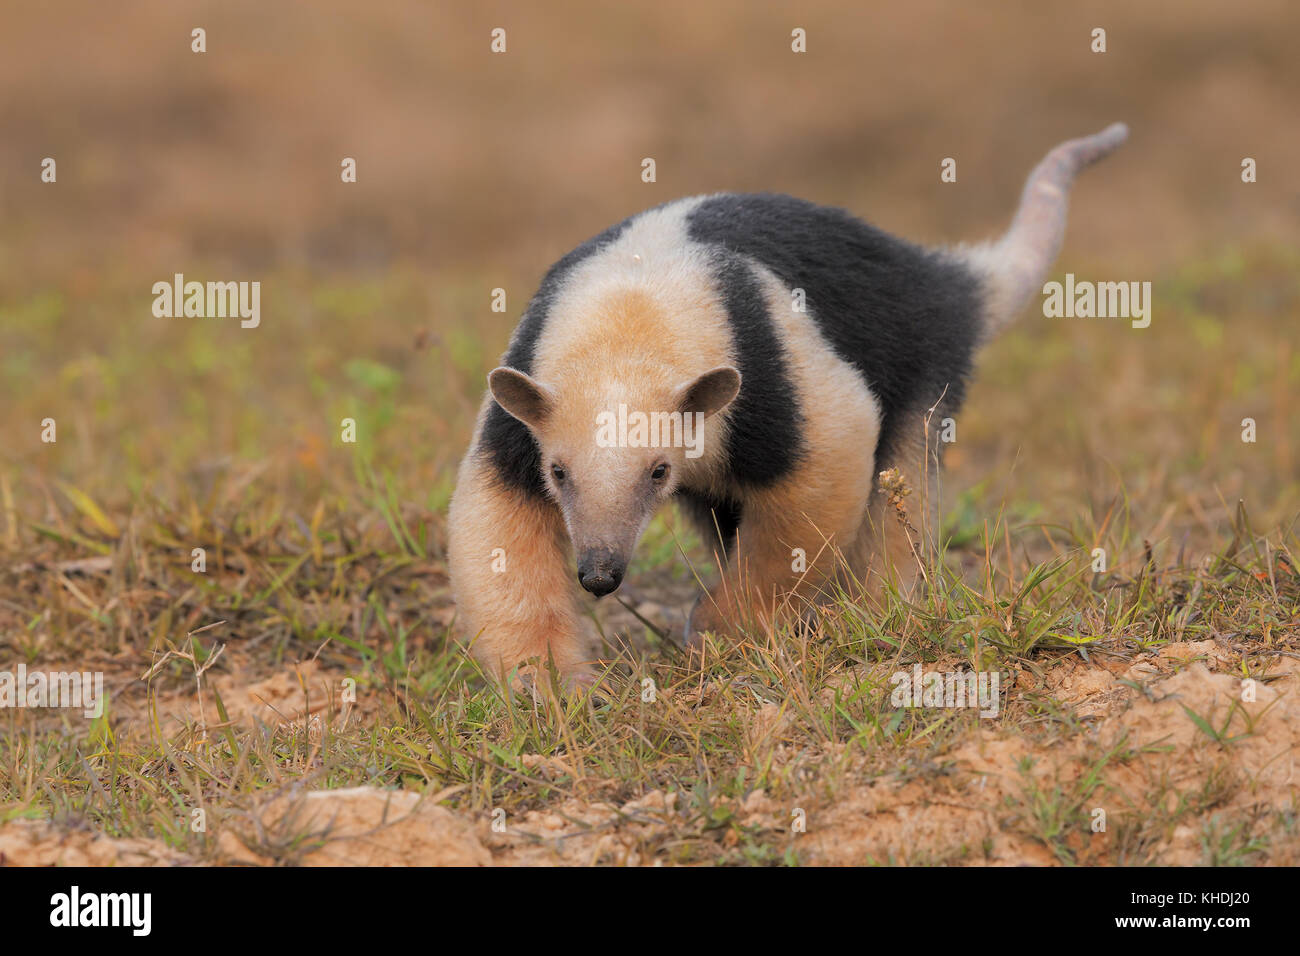 Tamandua - Stock Image